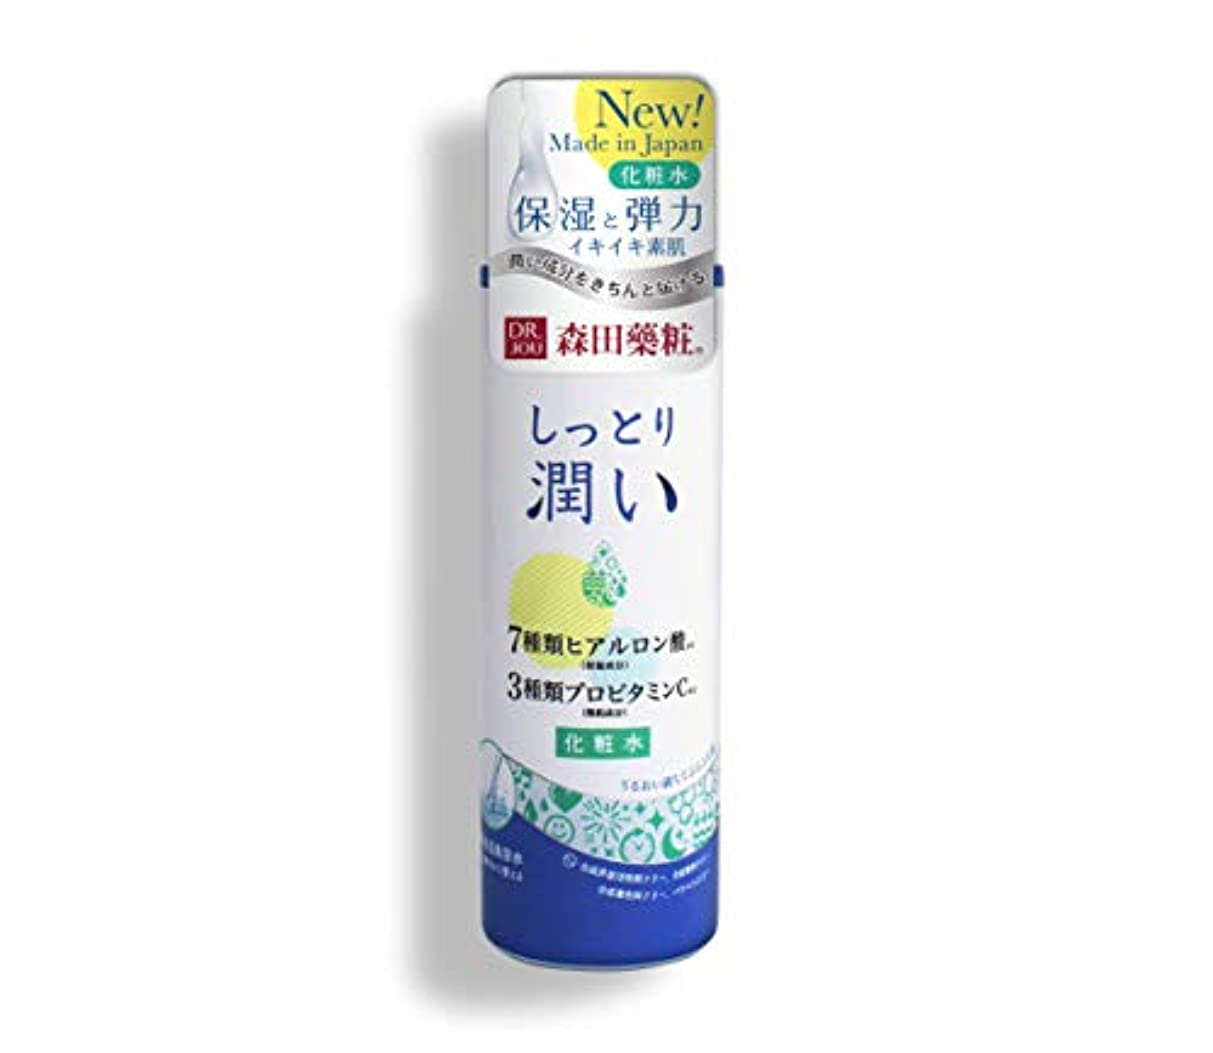 におい前にアンケート【森田薬粧】DR.JOU しっとり 潤い 化粧水 (170ml)